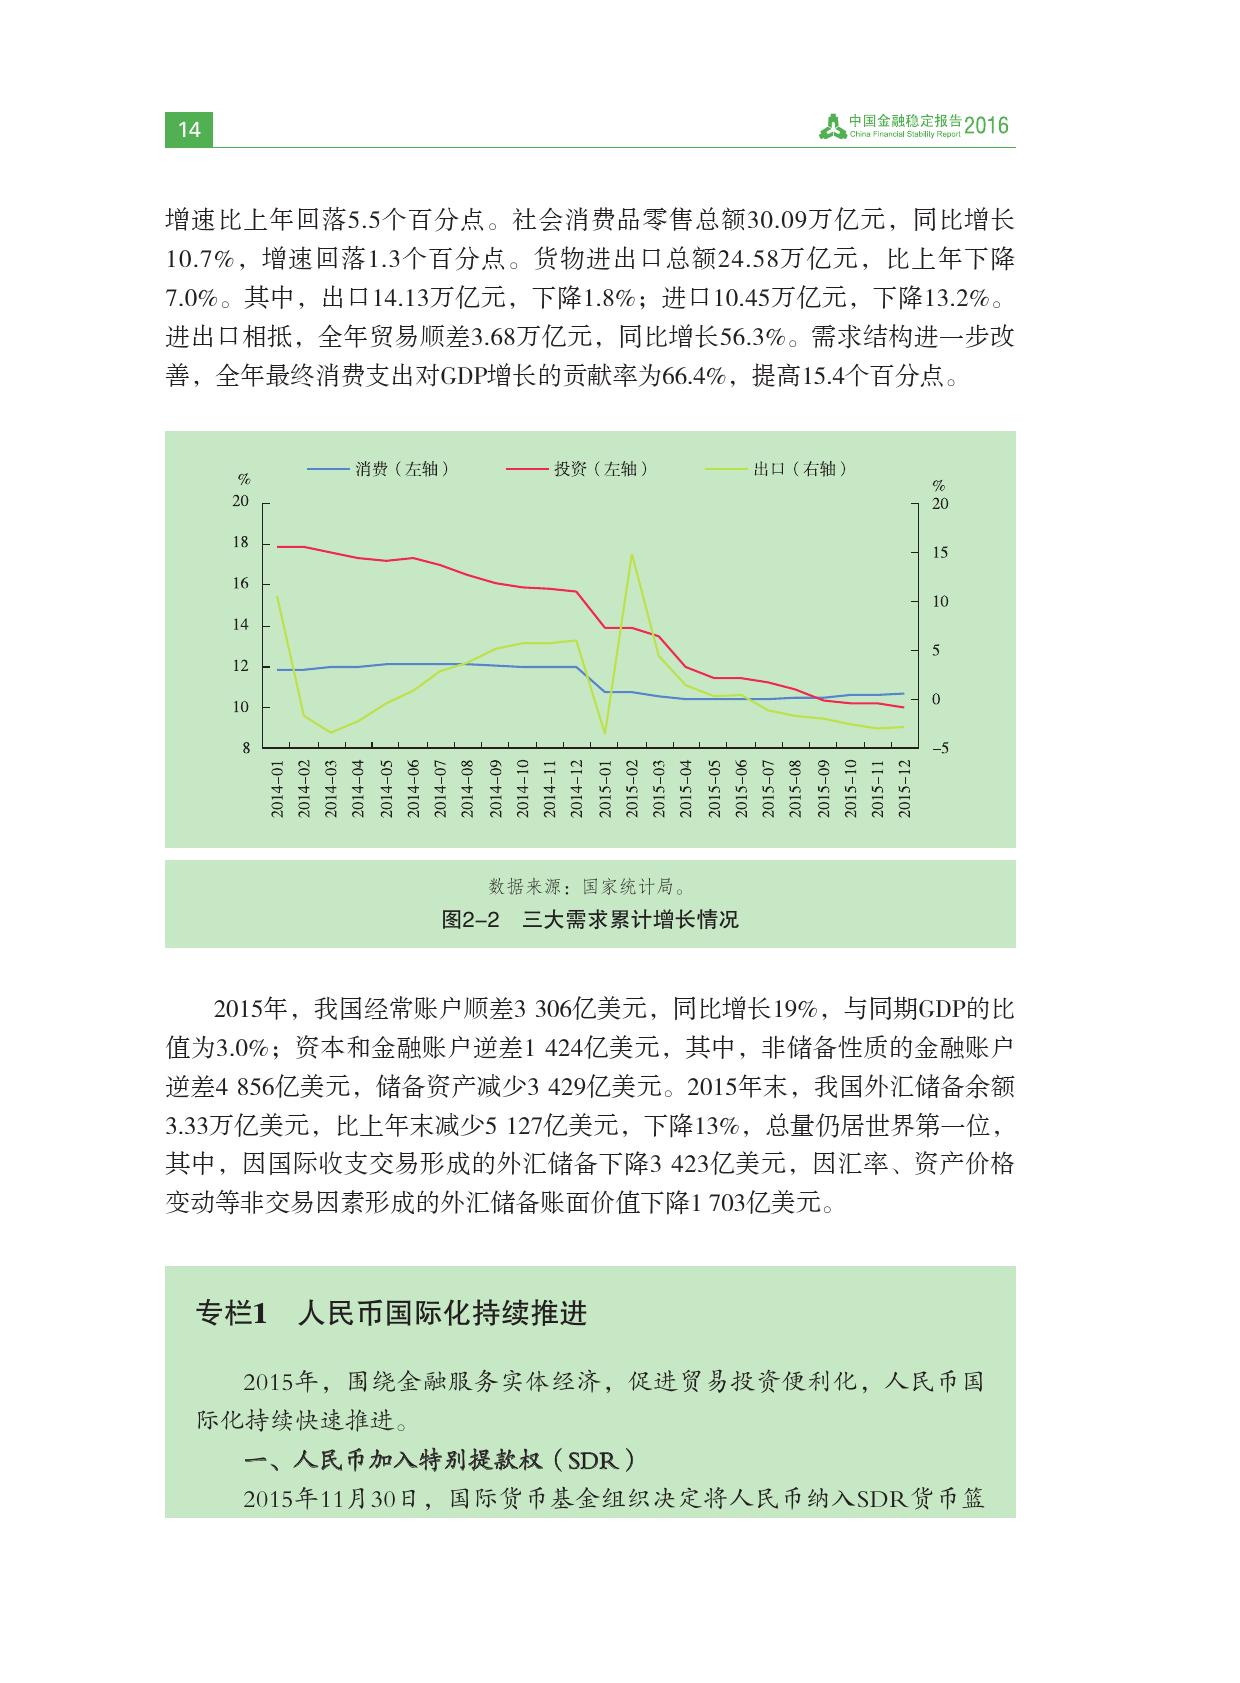 2016年中国金融稳定报告_000024